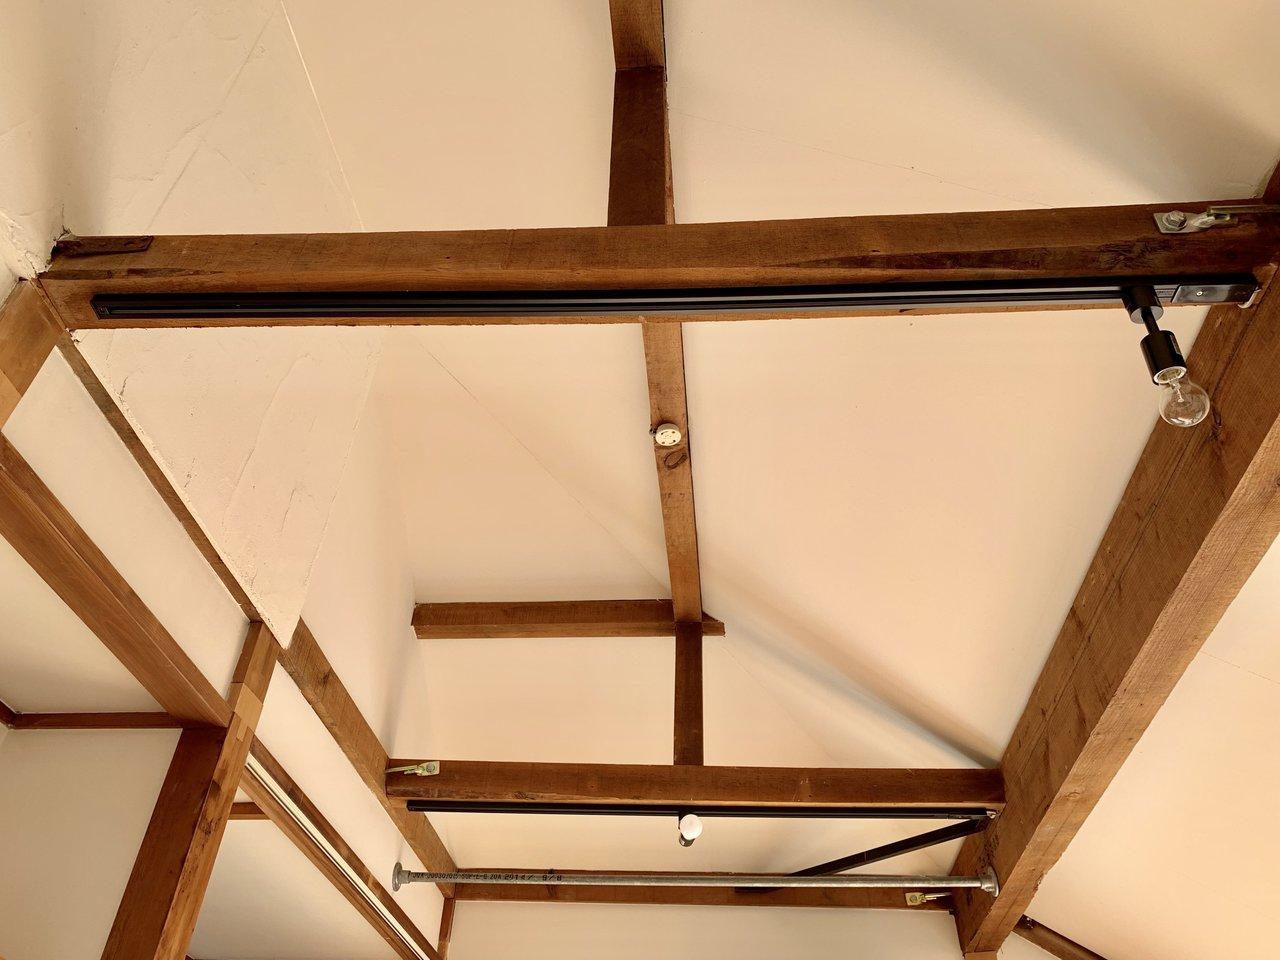 天井も高いため、1Kのお部屋ですが、圧迫感が全くないんです。梁にはライティングレールが。お気に入りのおしゃれなライトを取り付けてもいいですね。